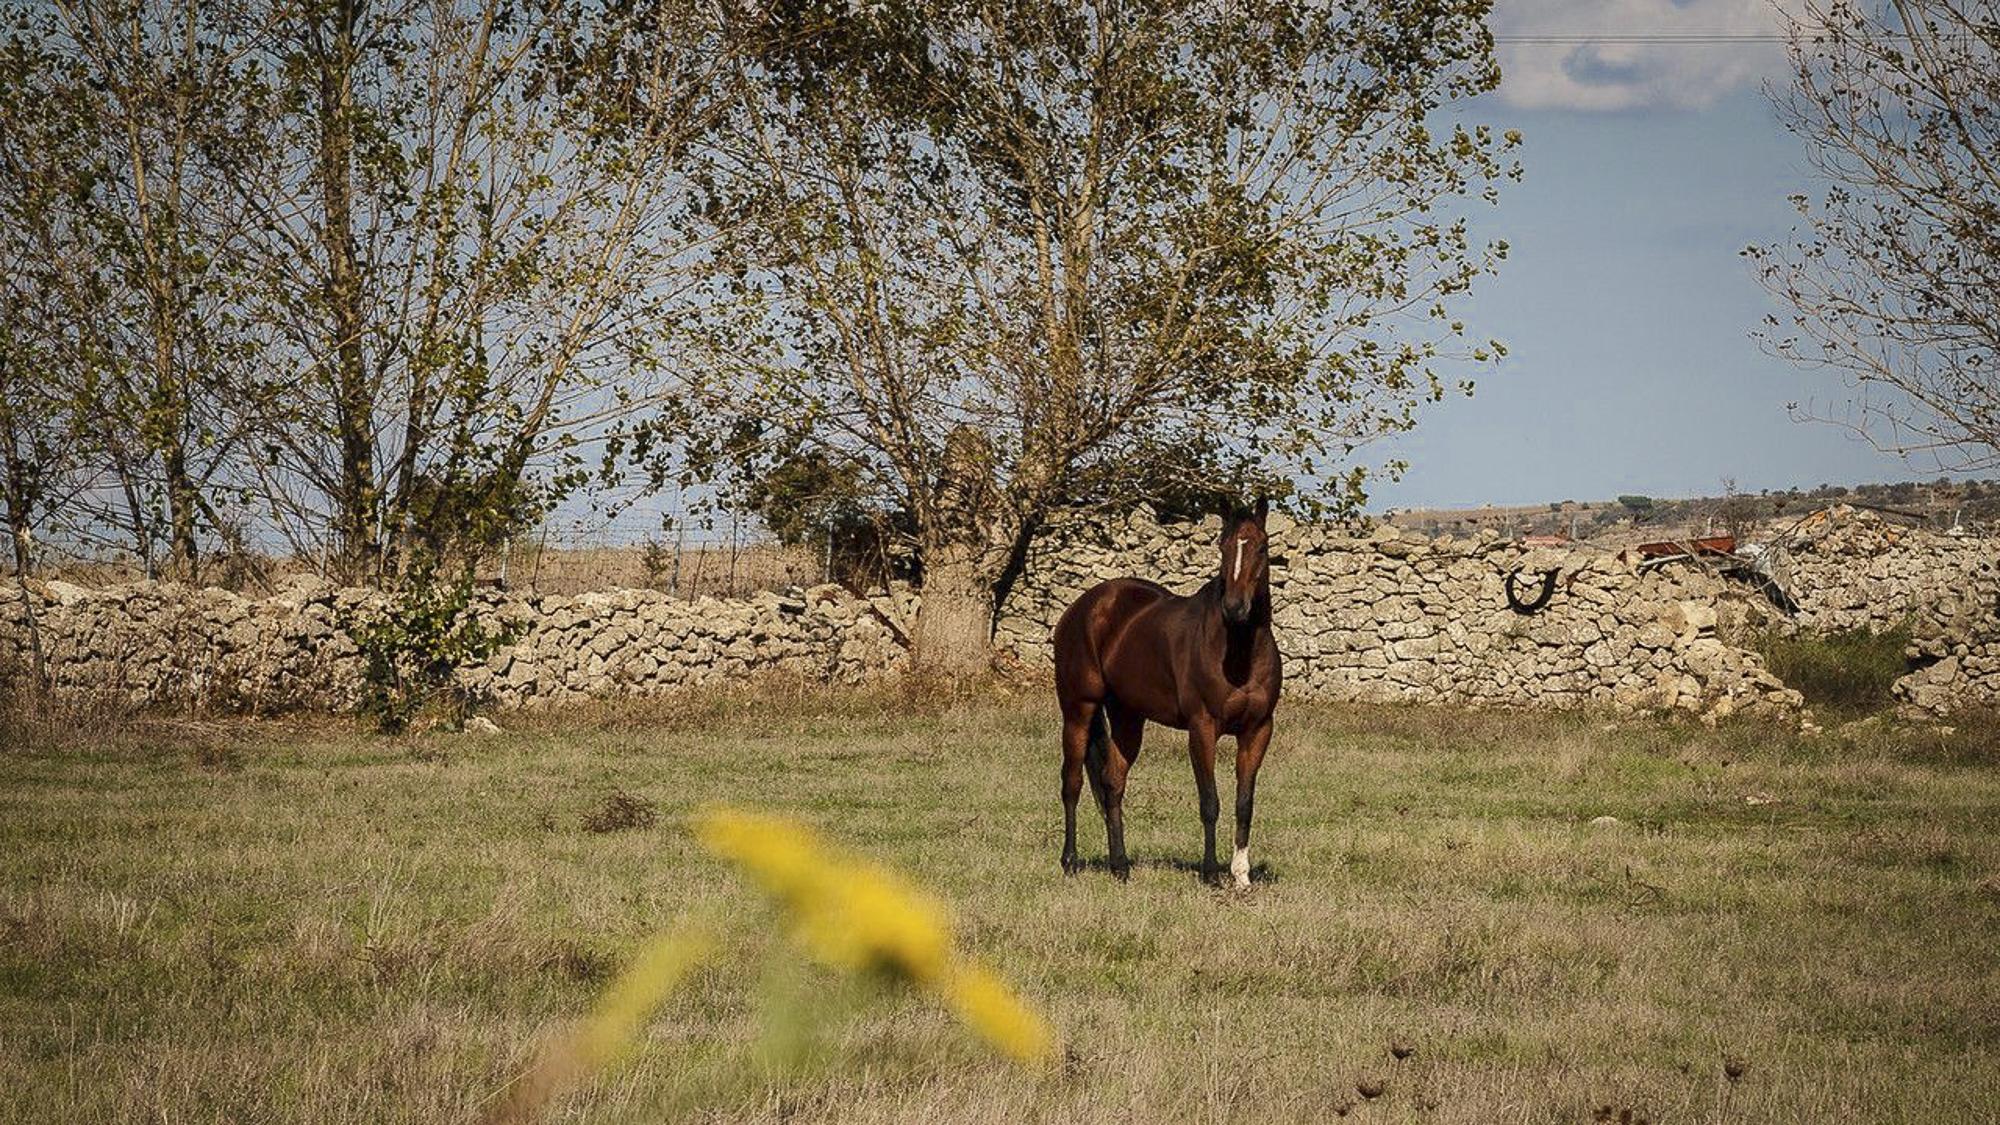 WILD HORSES AT GIARA PLAINS